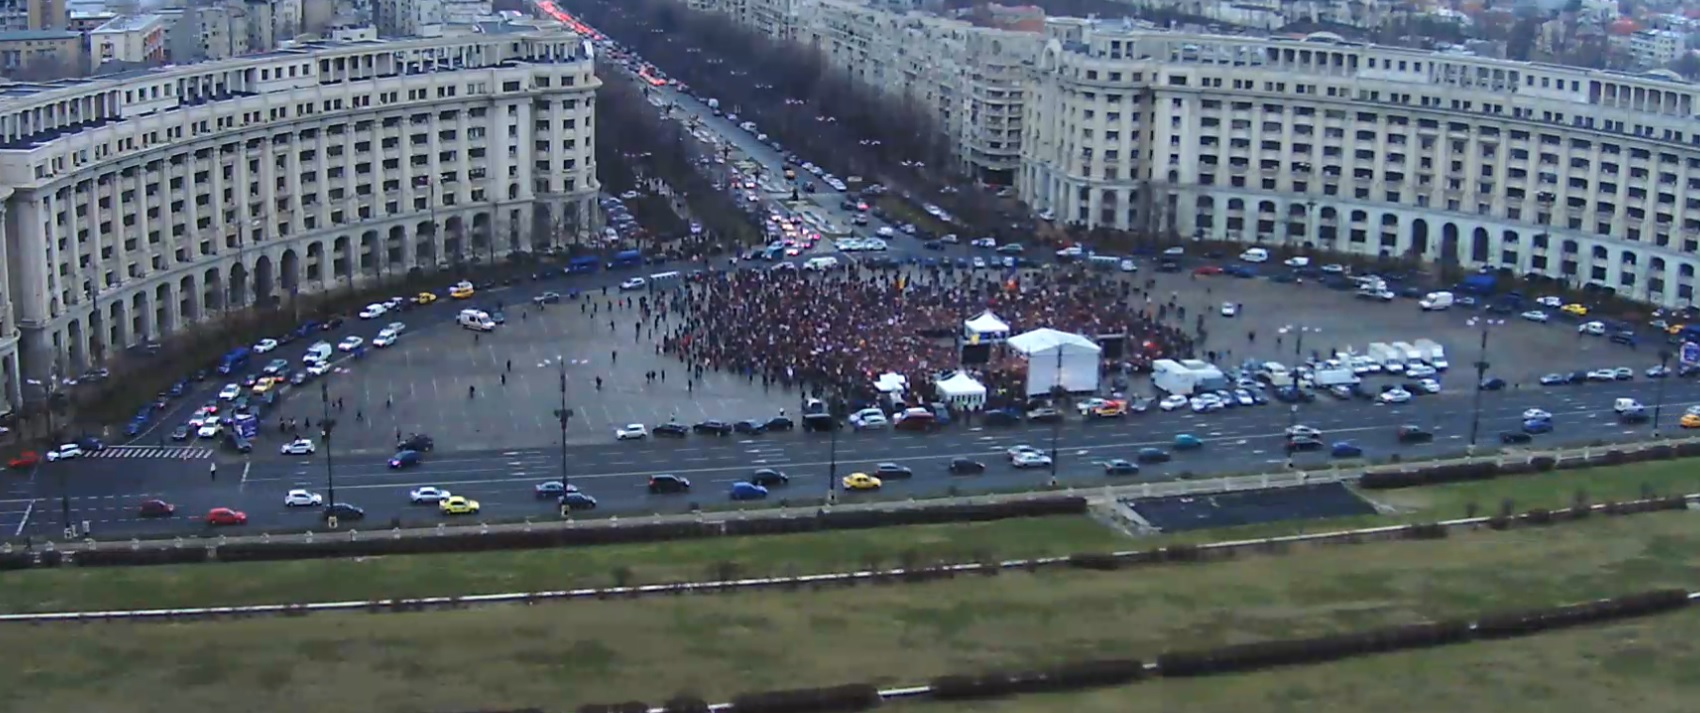 Cei 1000 de psihopați care au fost la protestul Antenei 3 nu reprezintă bătrânii din România